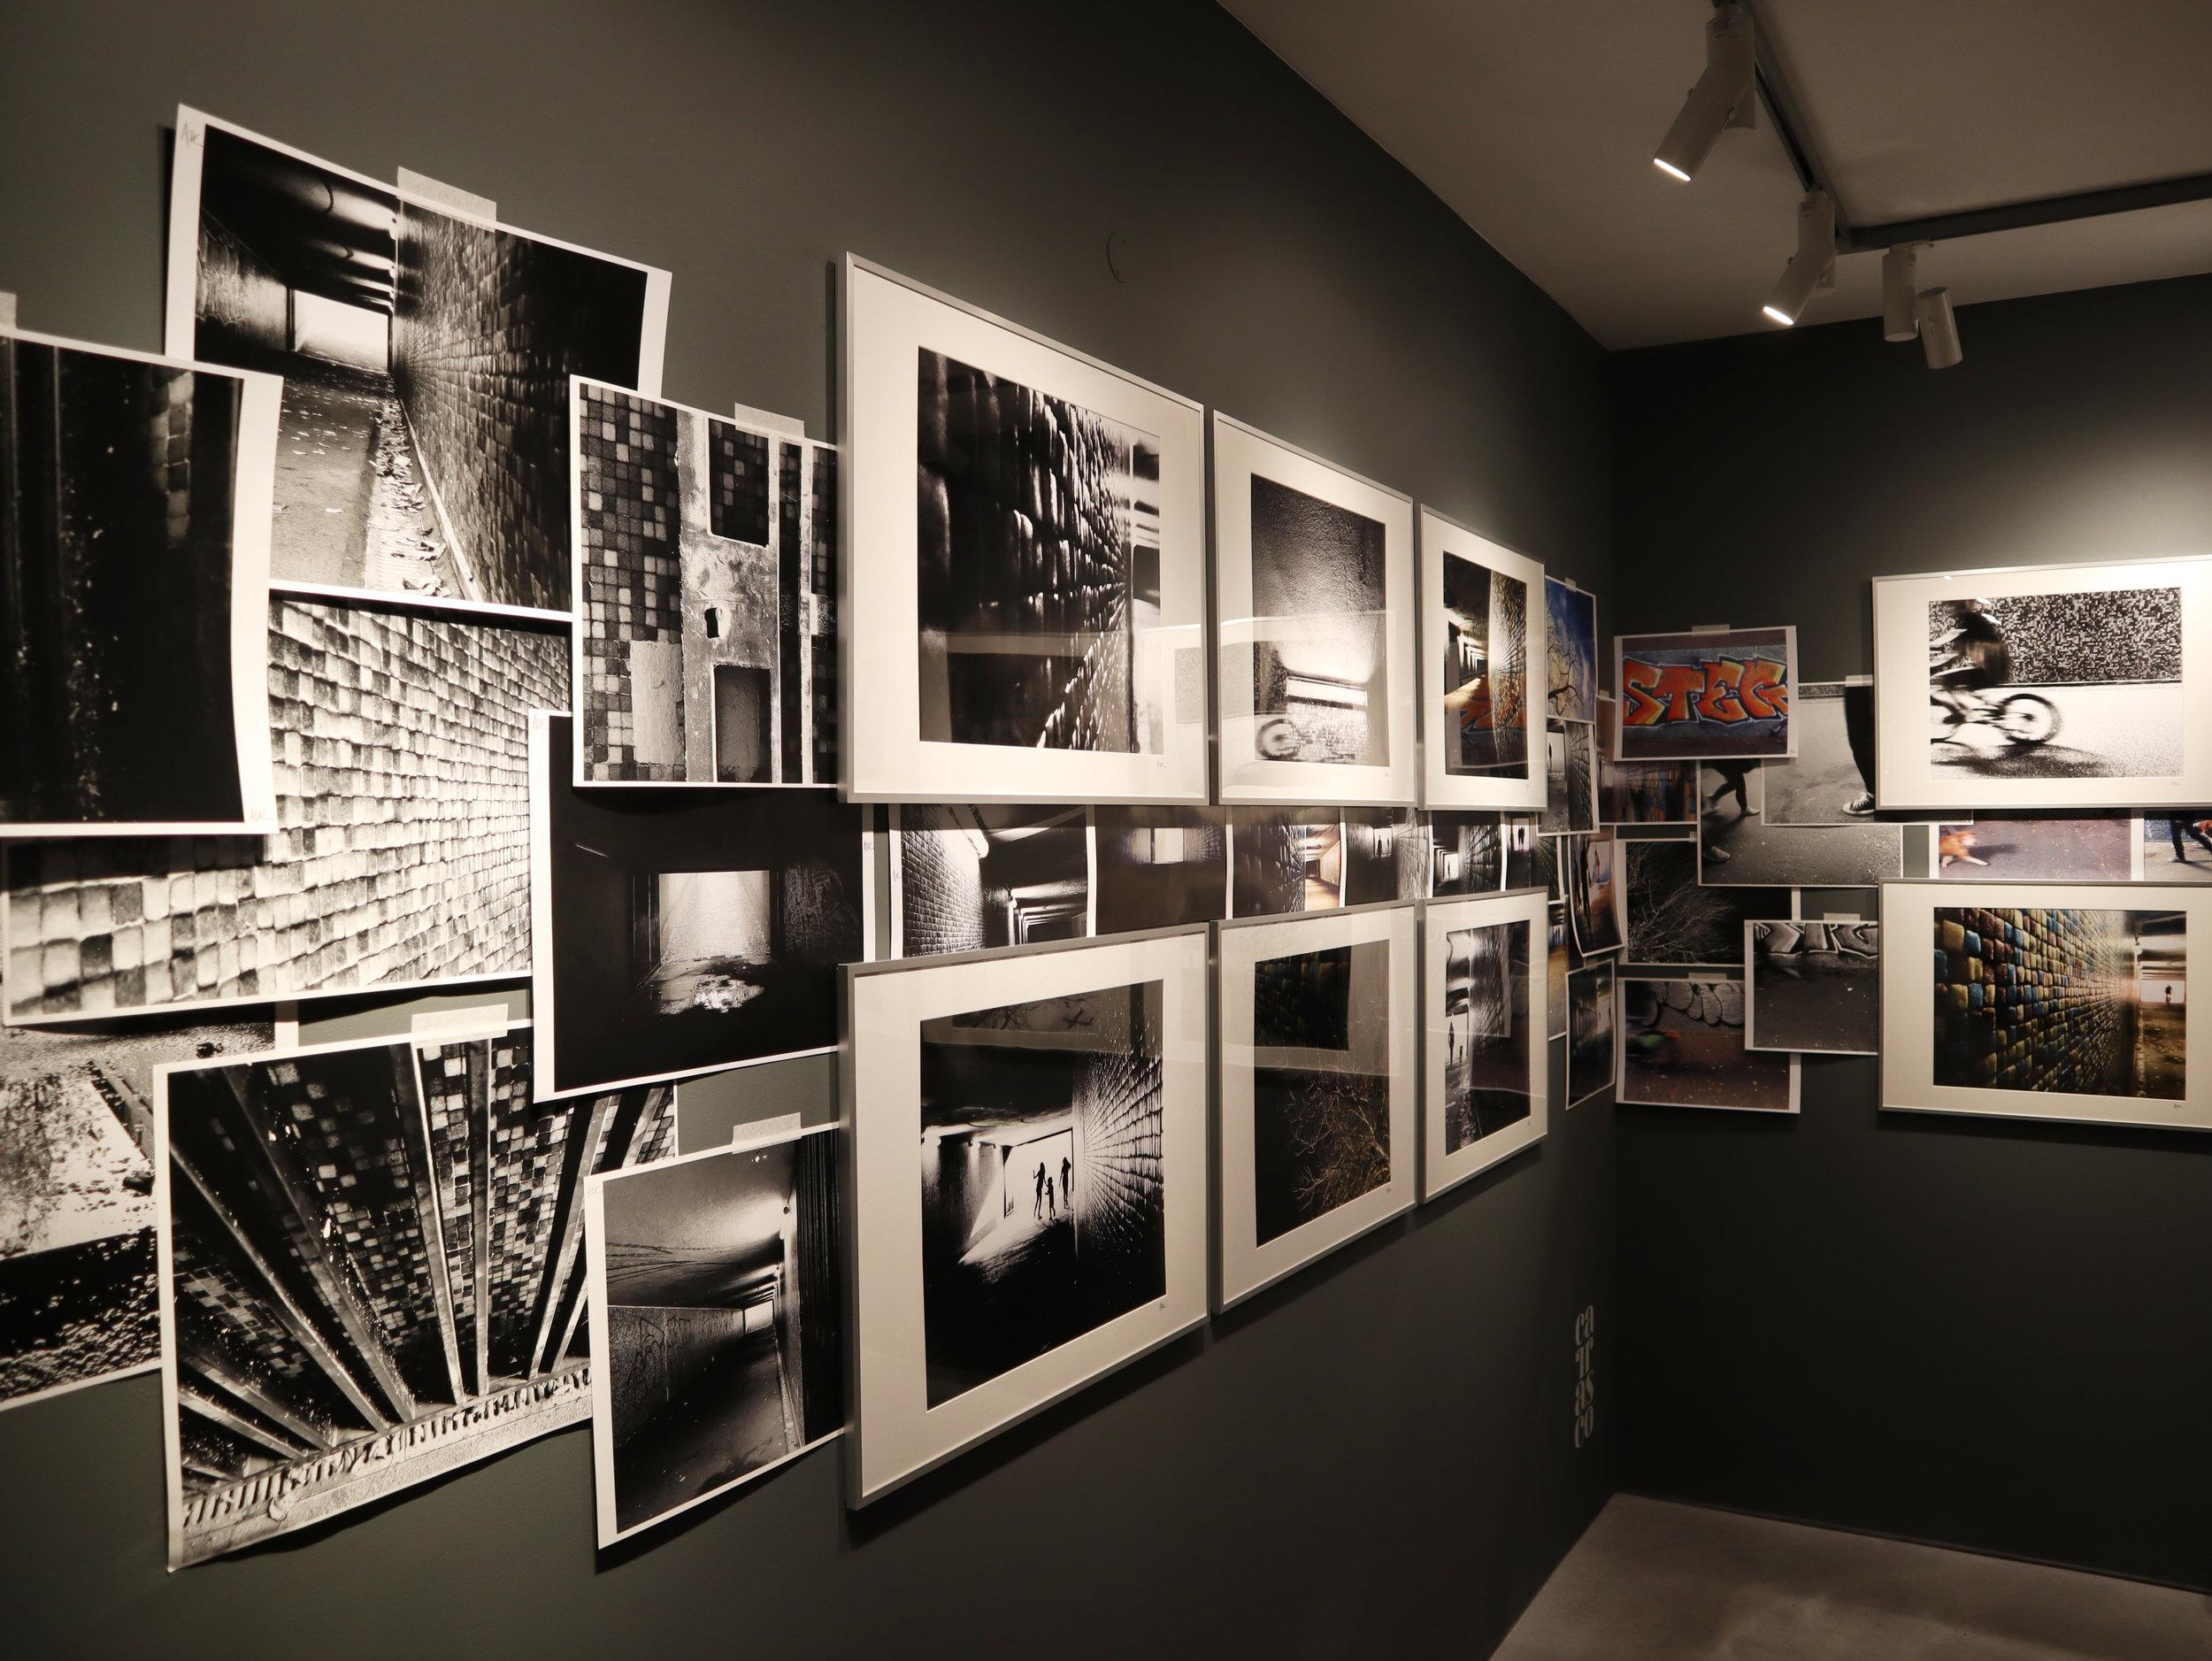 CARRASCO_art_gallery_DESOBJECTION_A.JPG